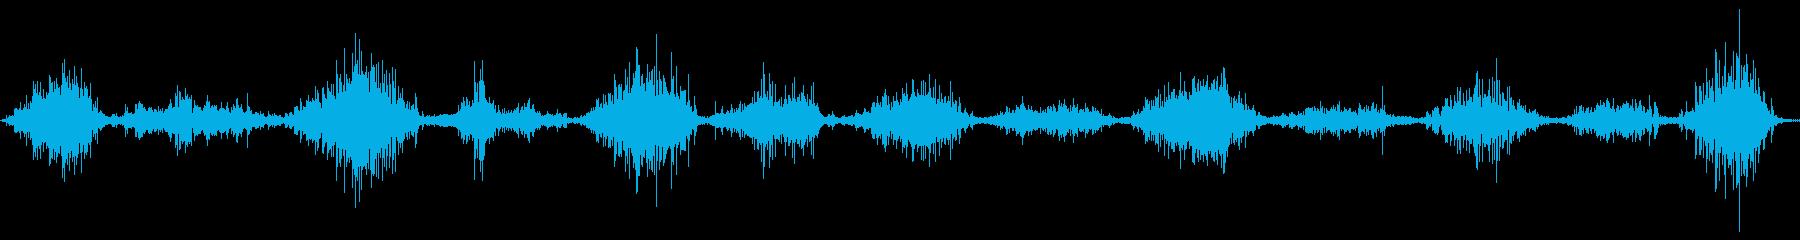 ハードラバーマット:短い鋸傷の再生済みの波形